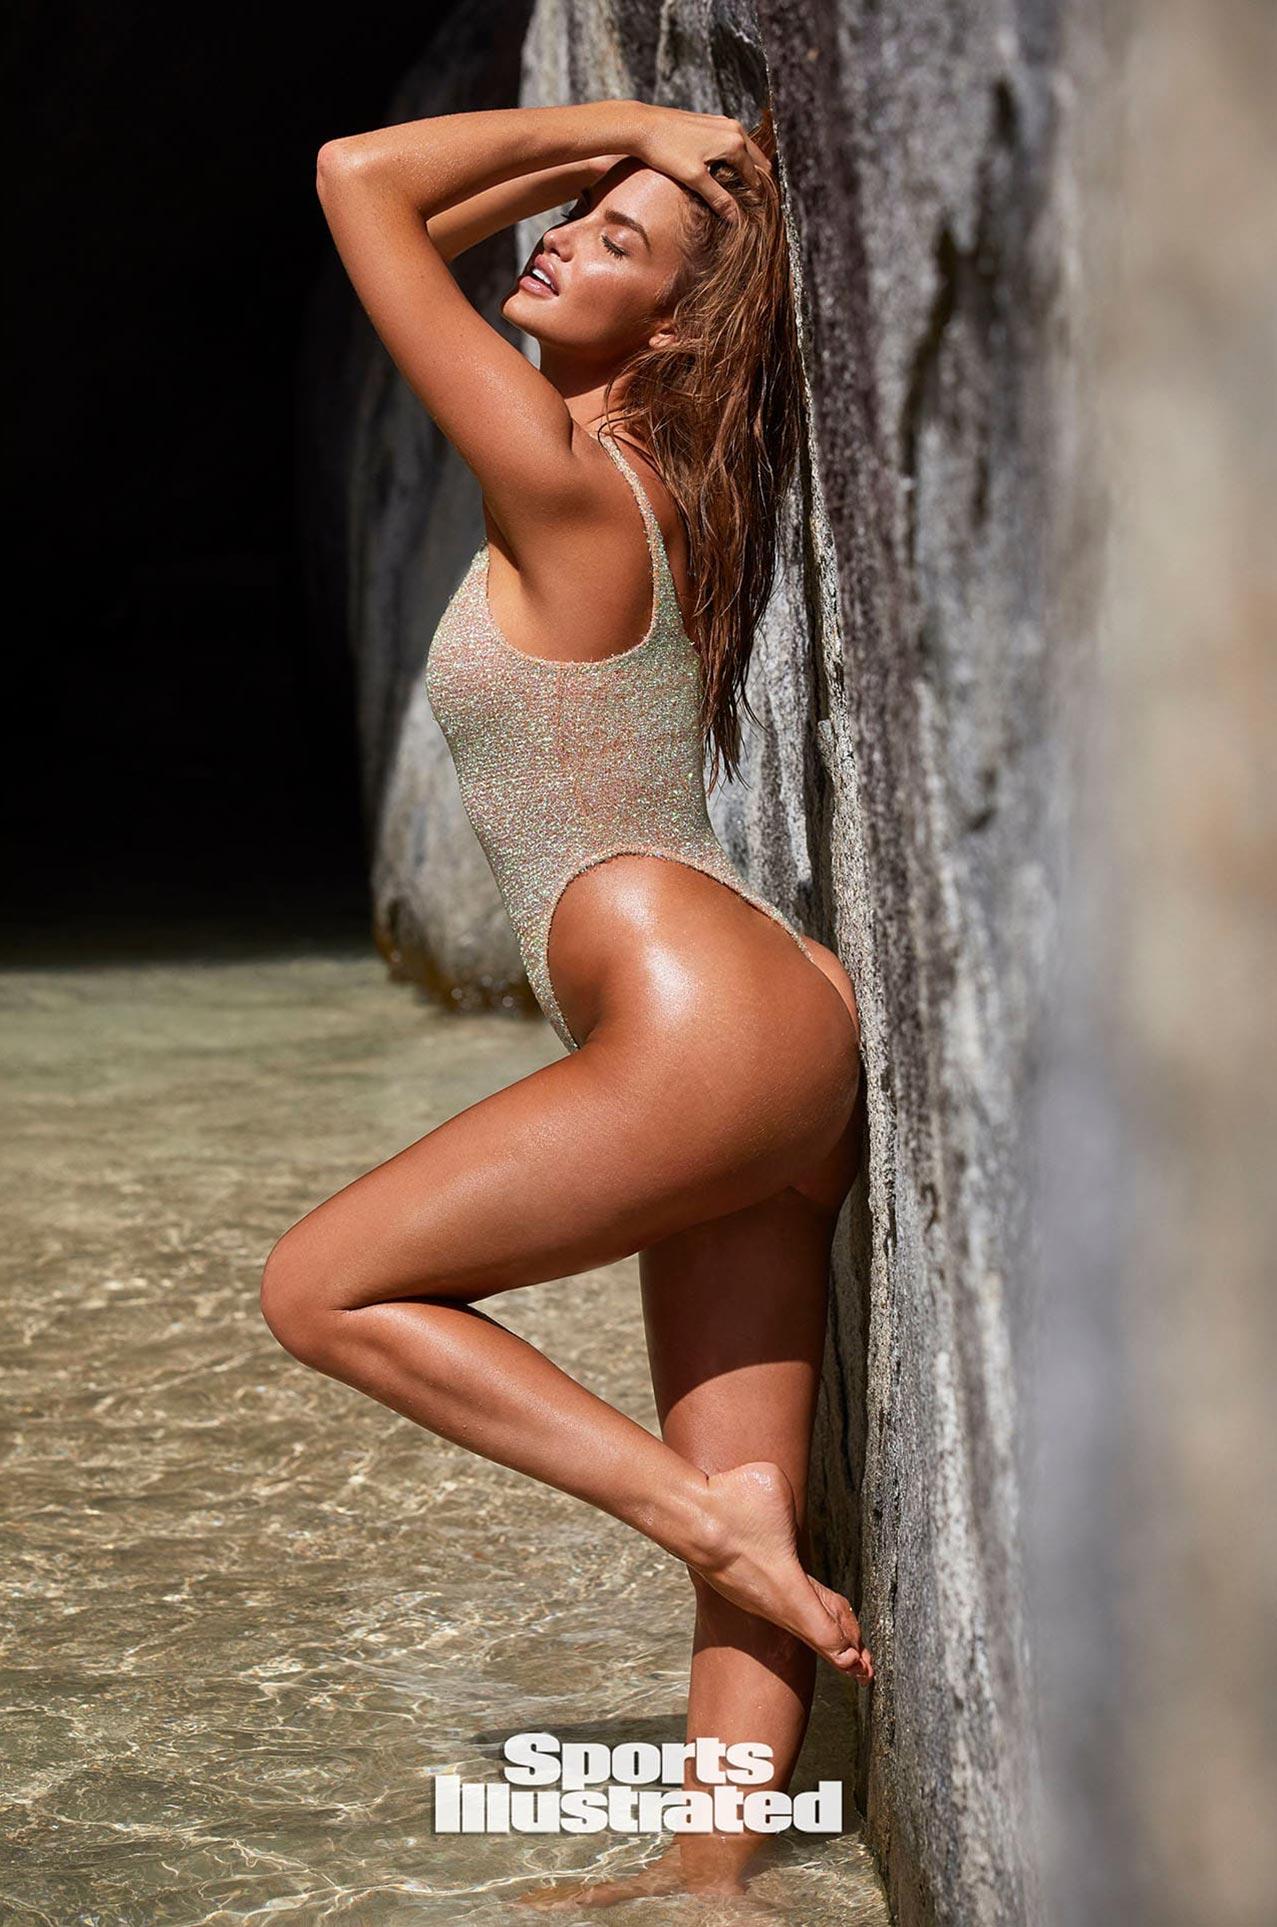 Хейли Калил в каталоге купальников Sports Illustrated Swimsuit 2020 / фото 08